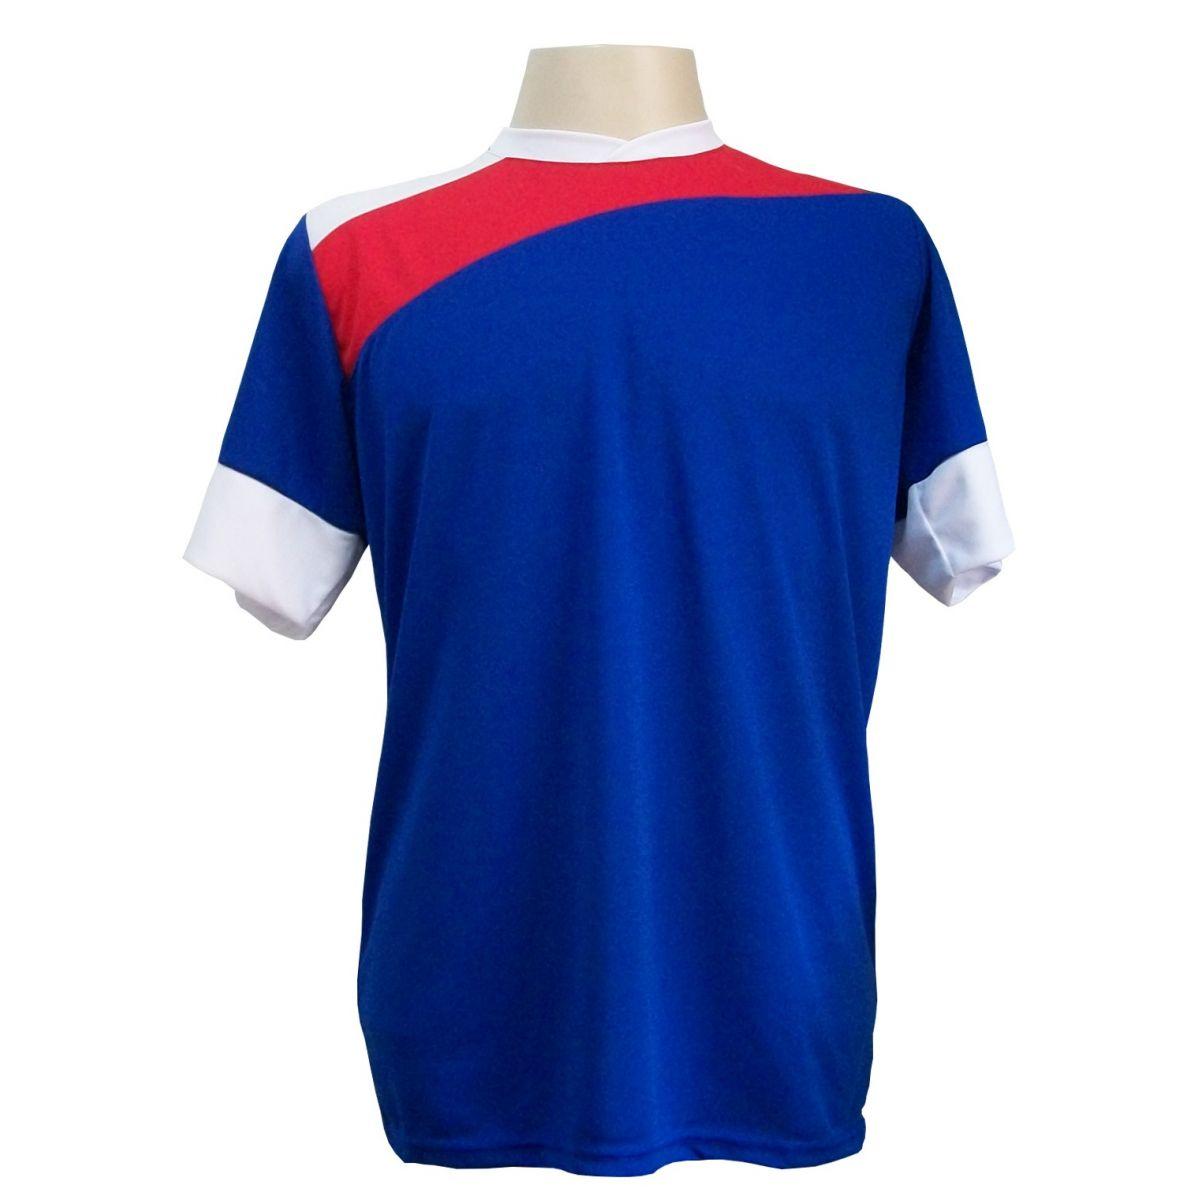 Jogo de Camisa com 14 unidades modelo Sporting Royal/Vermelho/Branco + Brindes